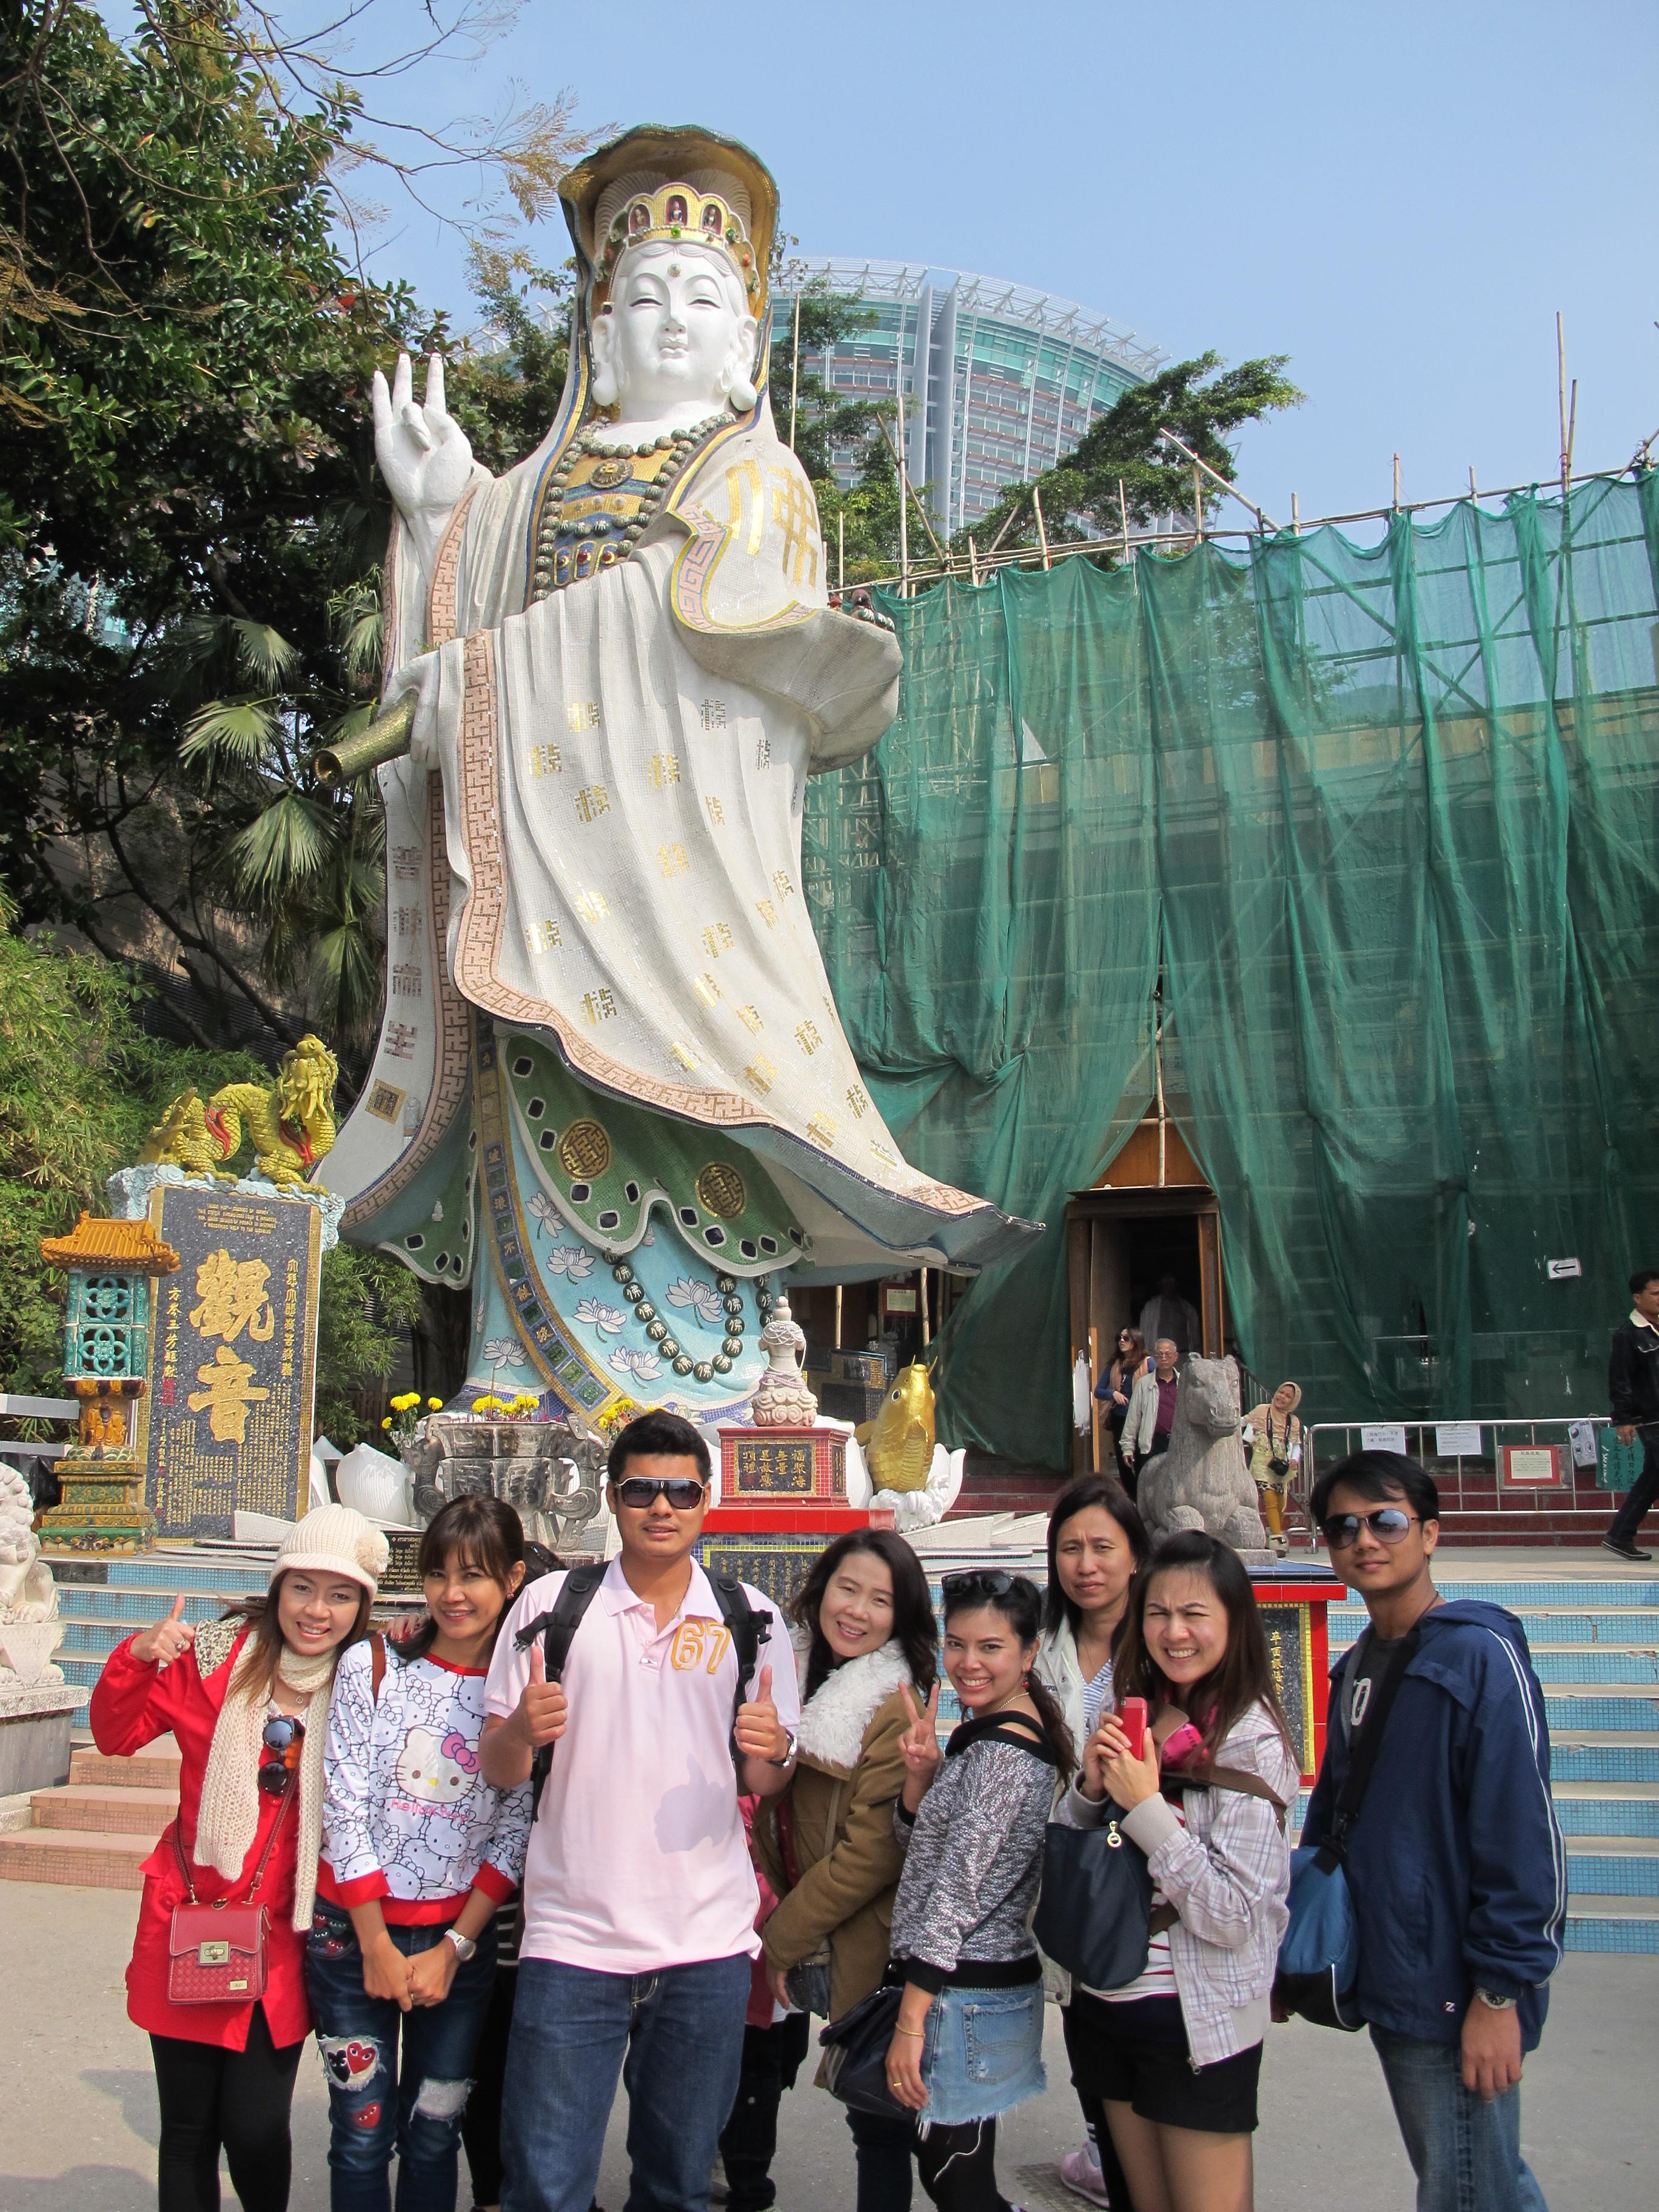 Trip to Hong Kong, Macau, Shenzhen, Zhuhai 7-11 Dec 16